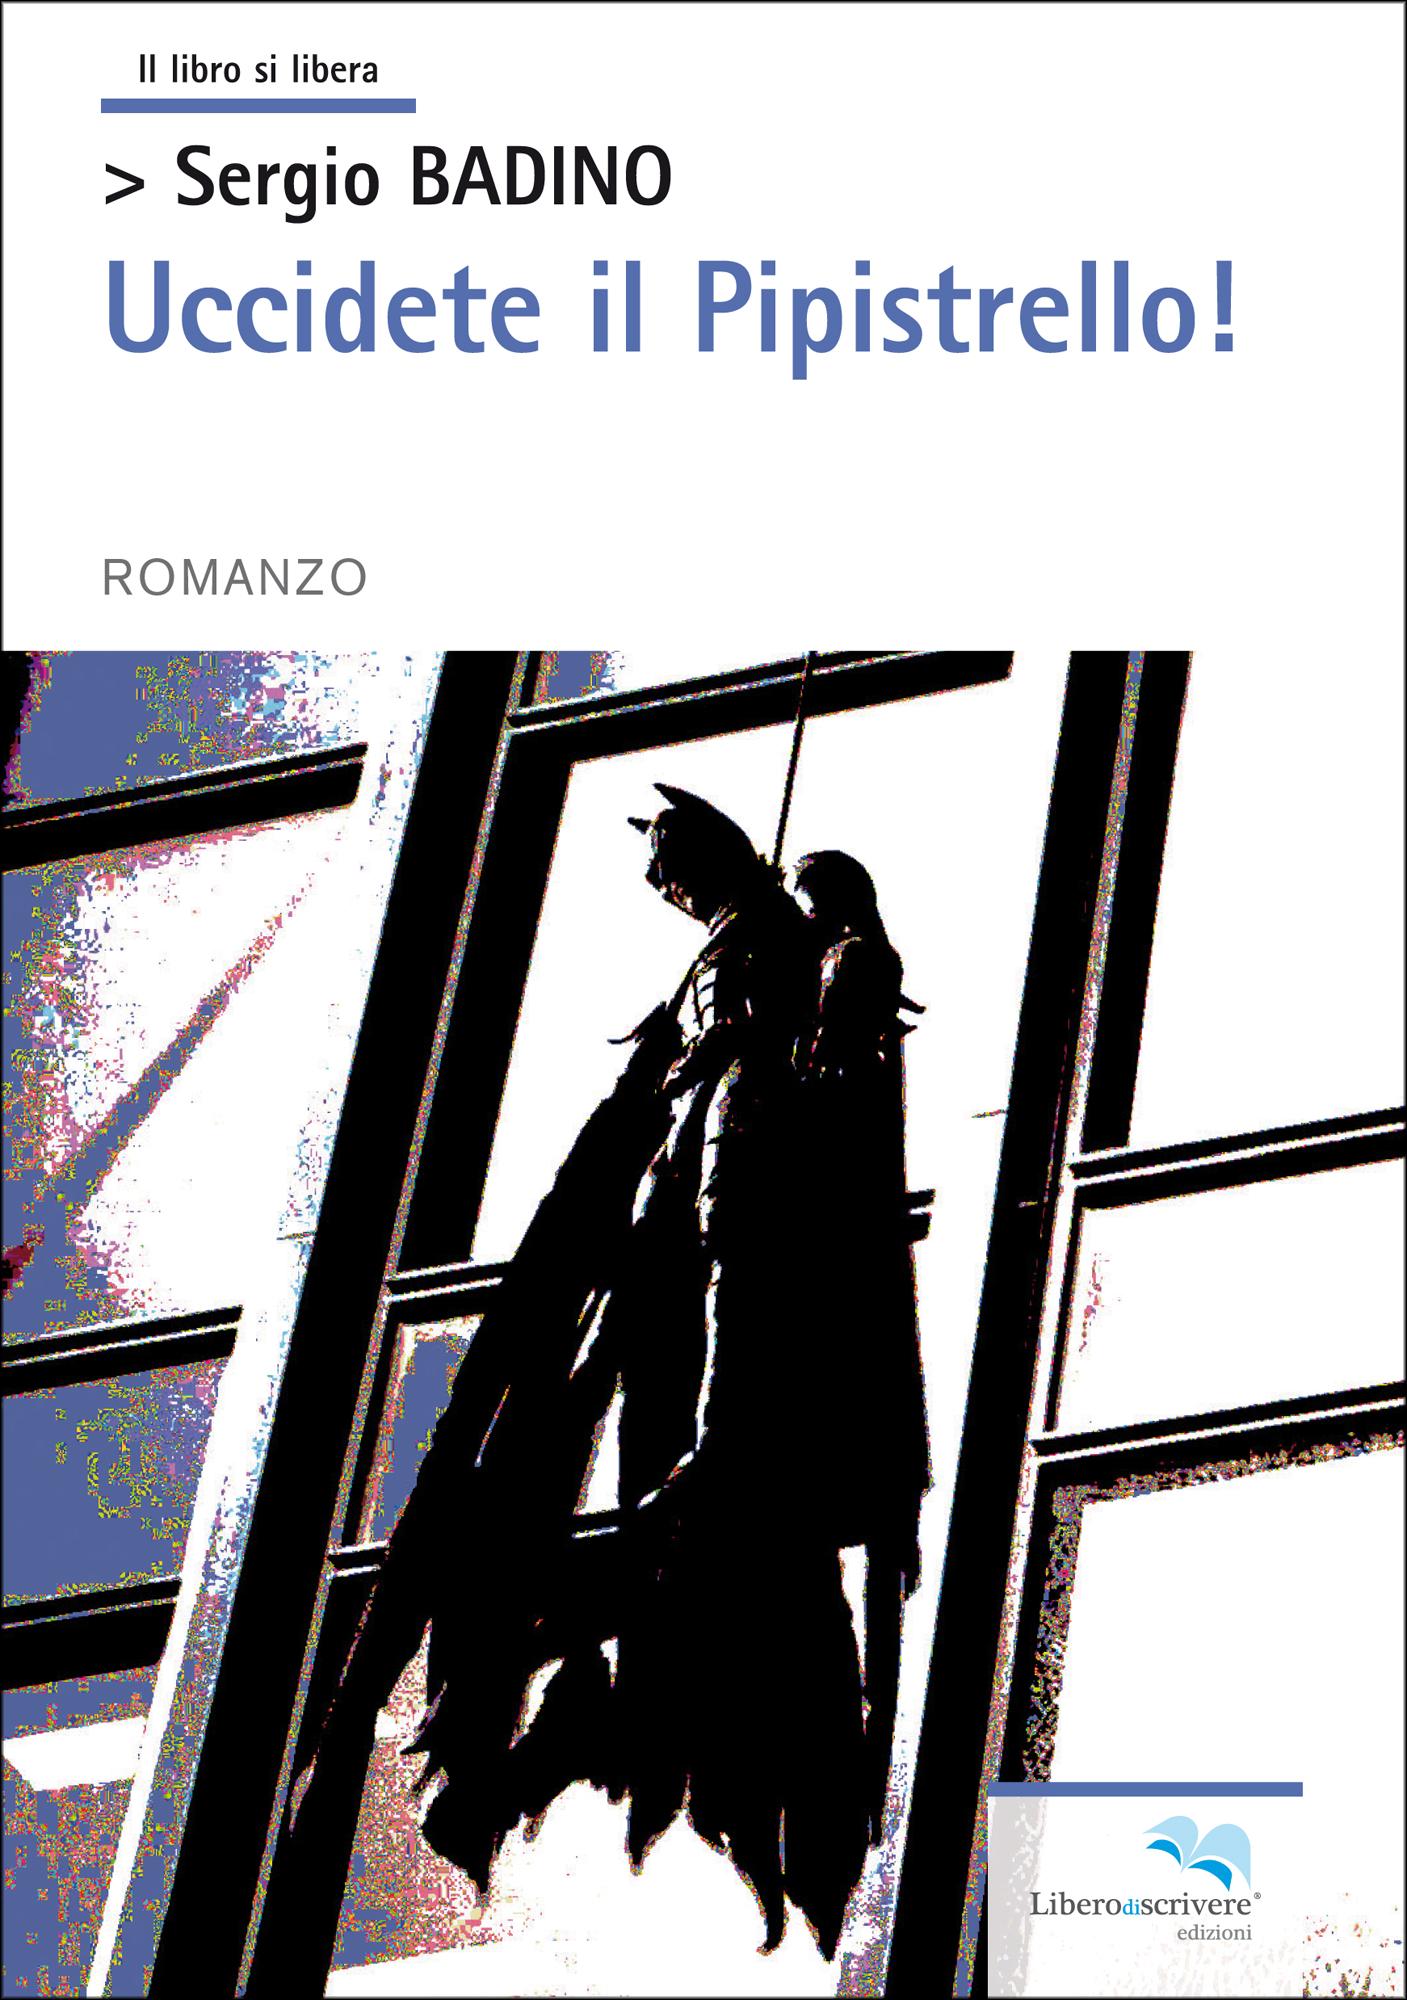 Sergio Badino, Uccidete il pipistrello! Liberodiscrivere edizioni